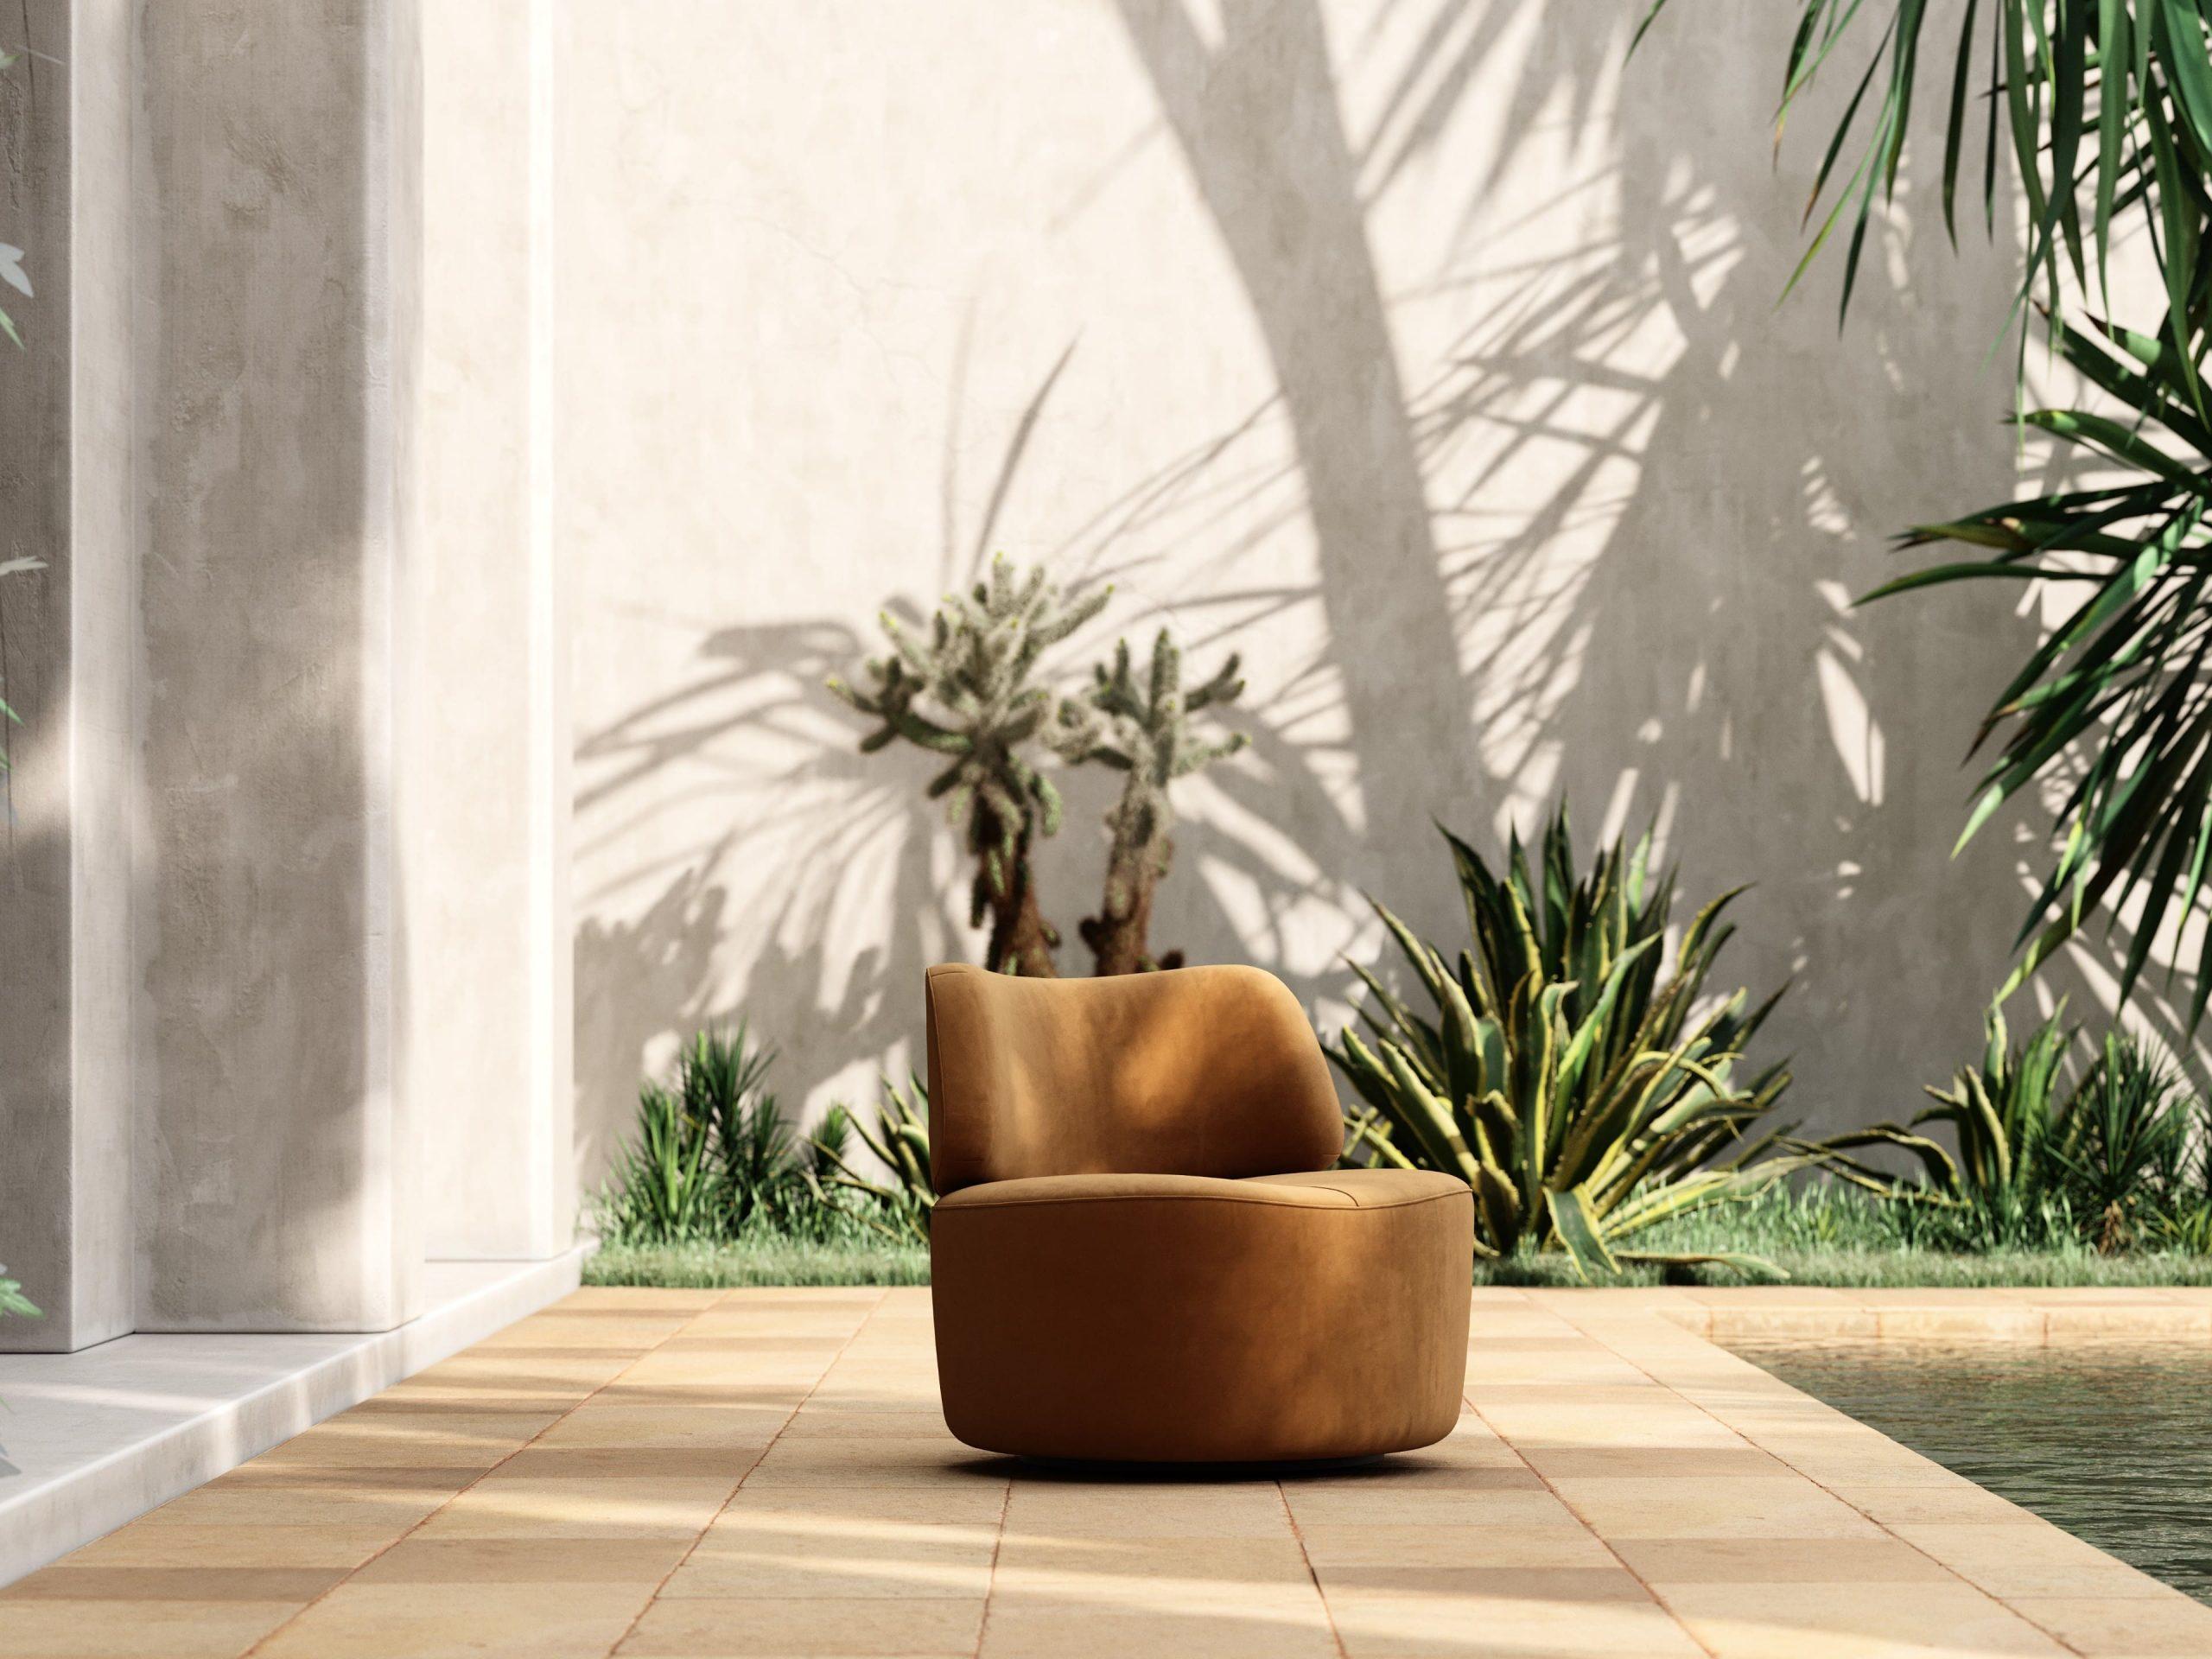 harmony-armchair-domkapa-velvet-living-room-interior-design